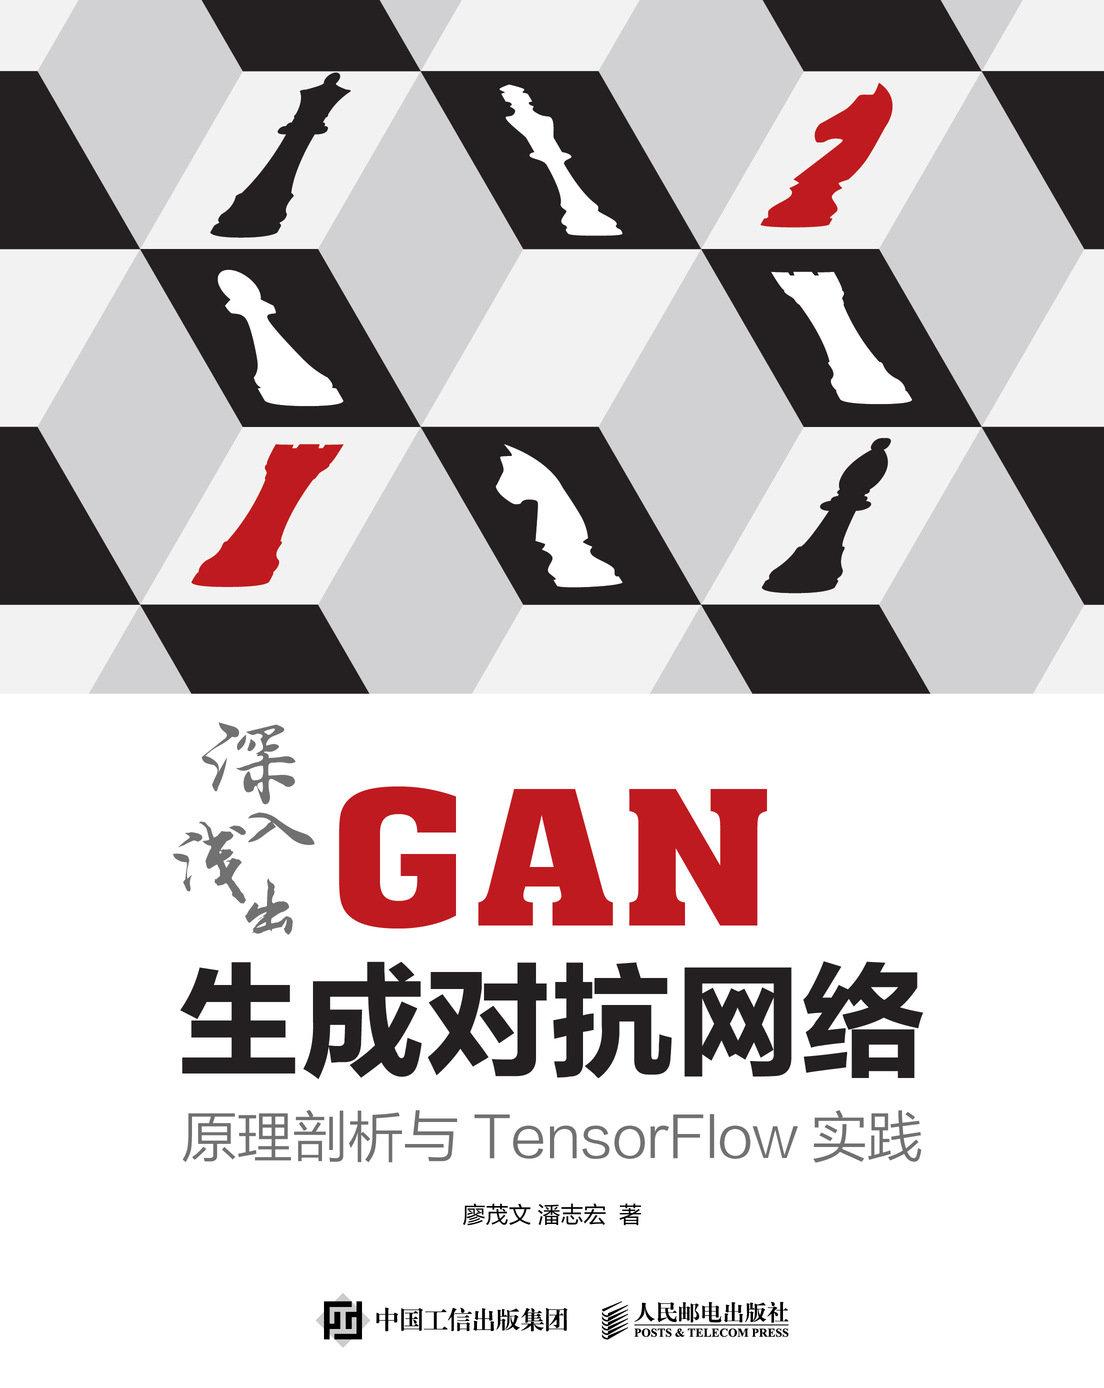 深入淺出 GAN 生成對抗網絡 : 原理剖析與 TensorFlow 實踐-preview-1